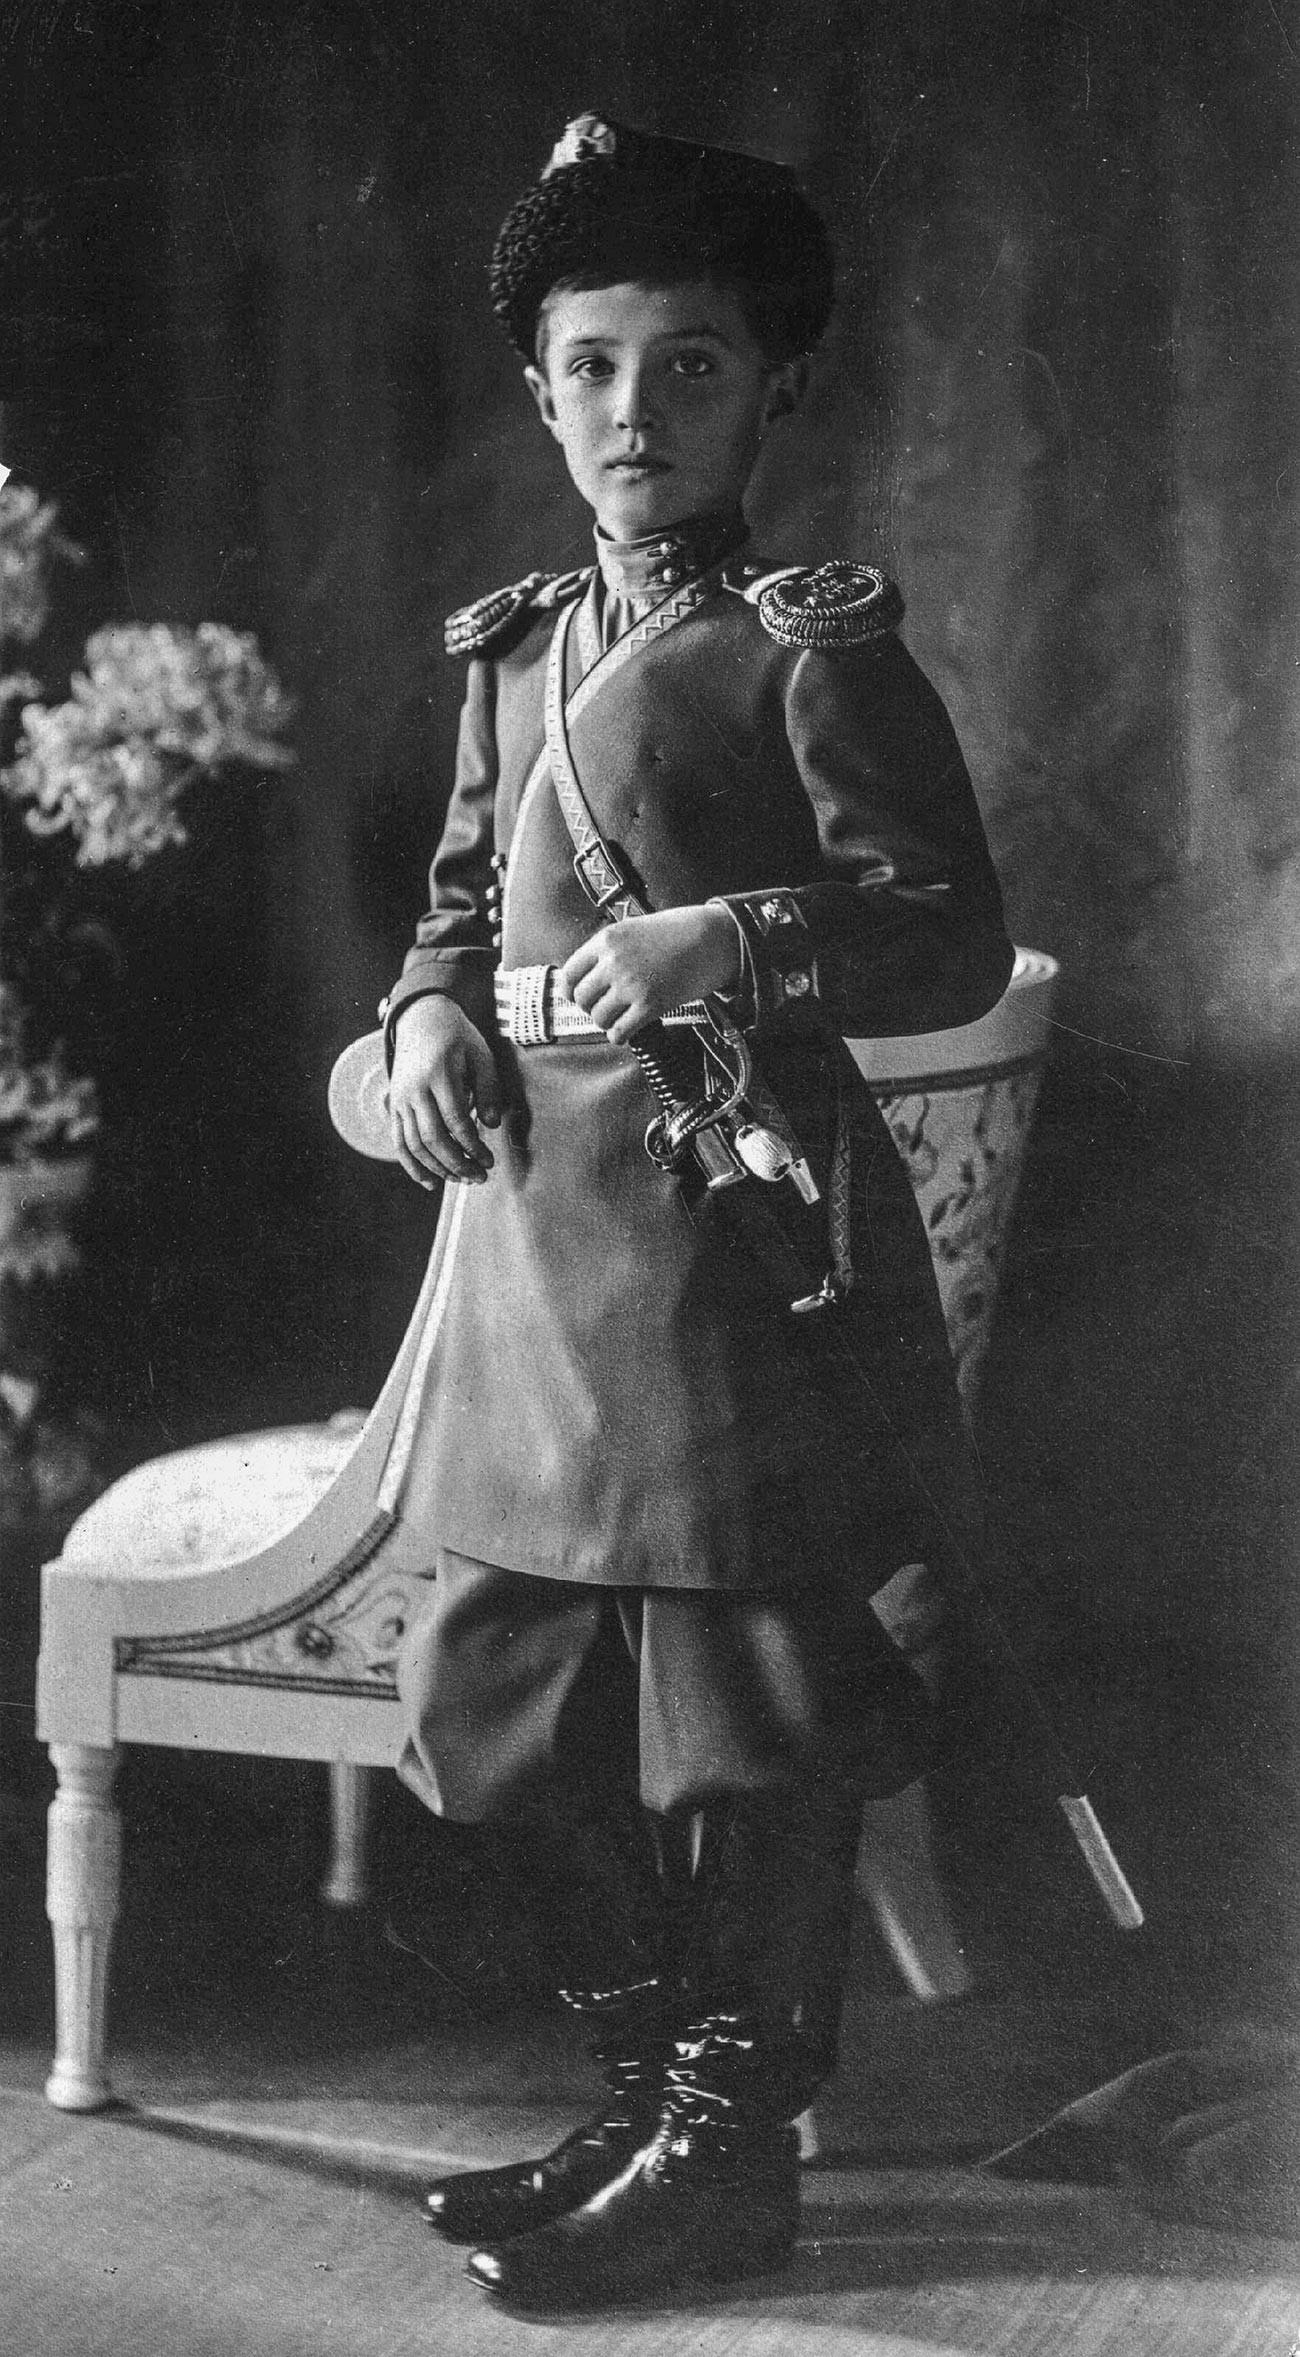 Prestolonaslednik carjevič Aleksej Nikolajevič (1904-1918)